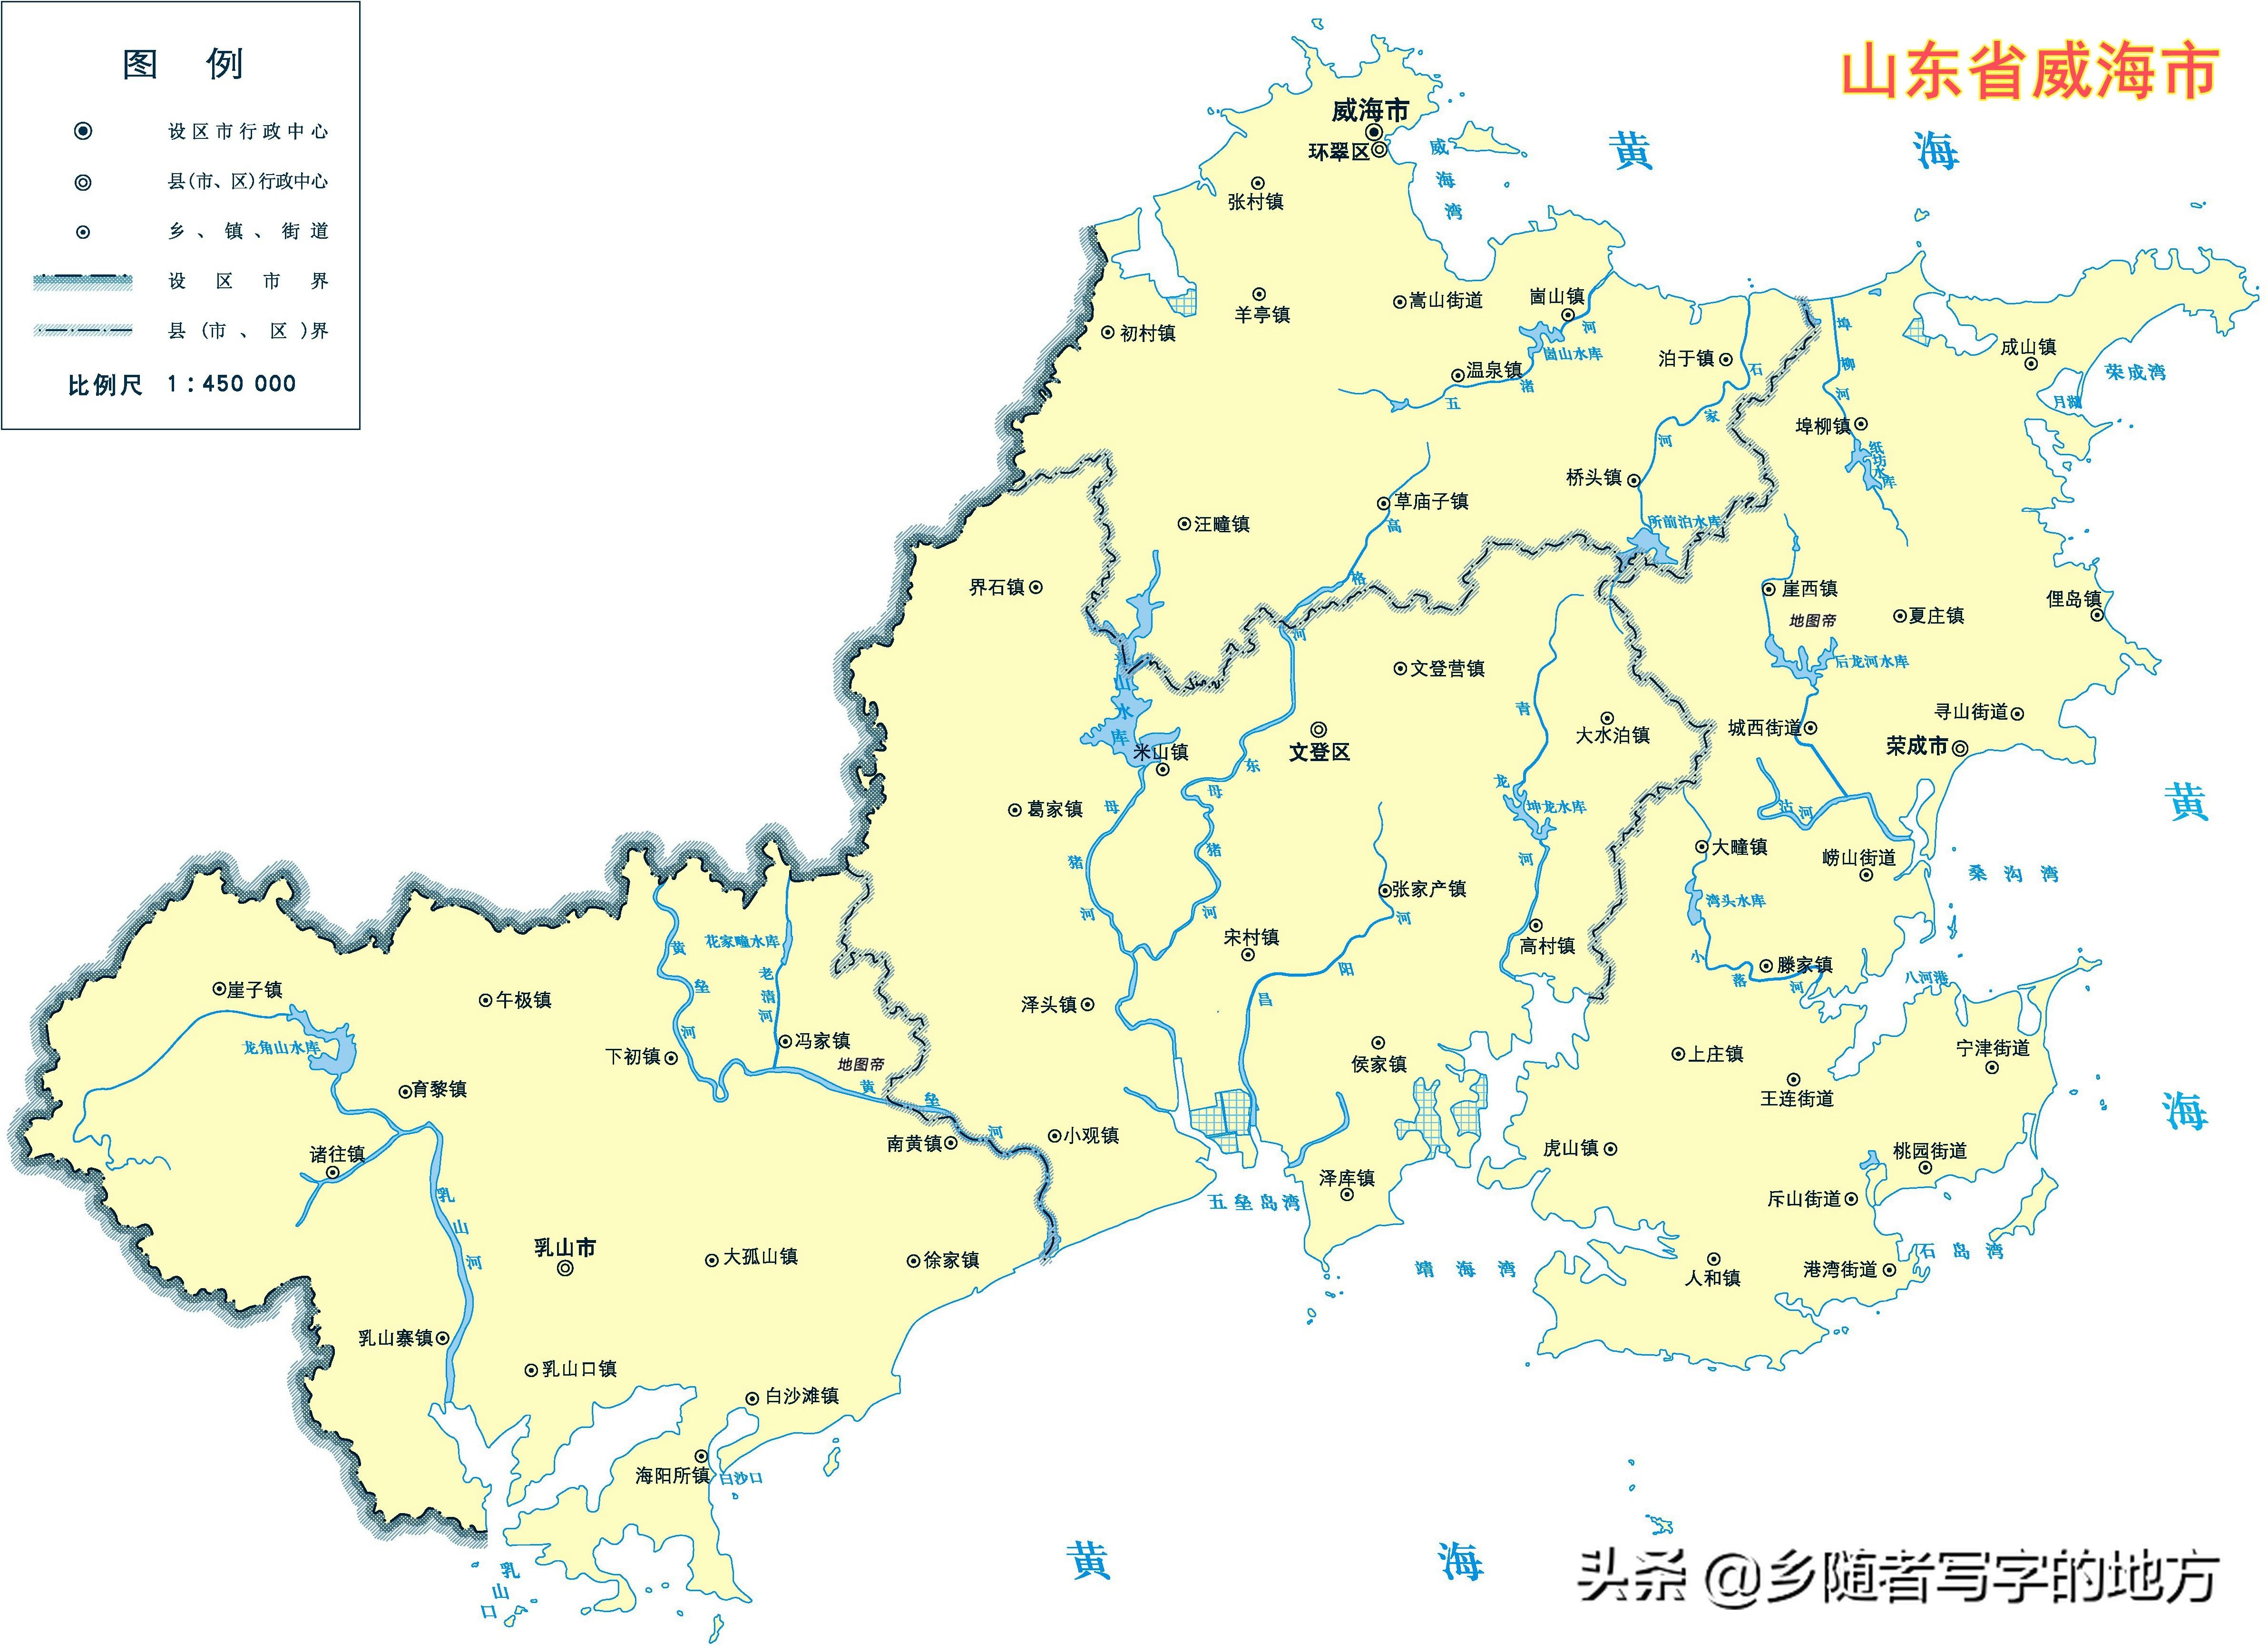 中国行政区划——山东省威海市